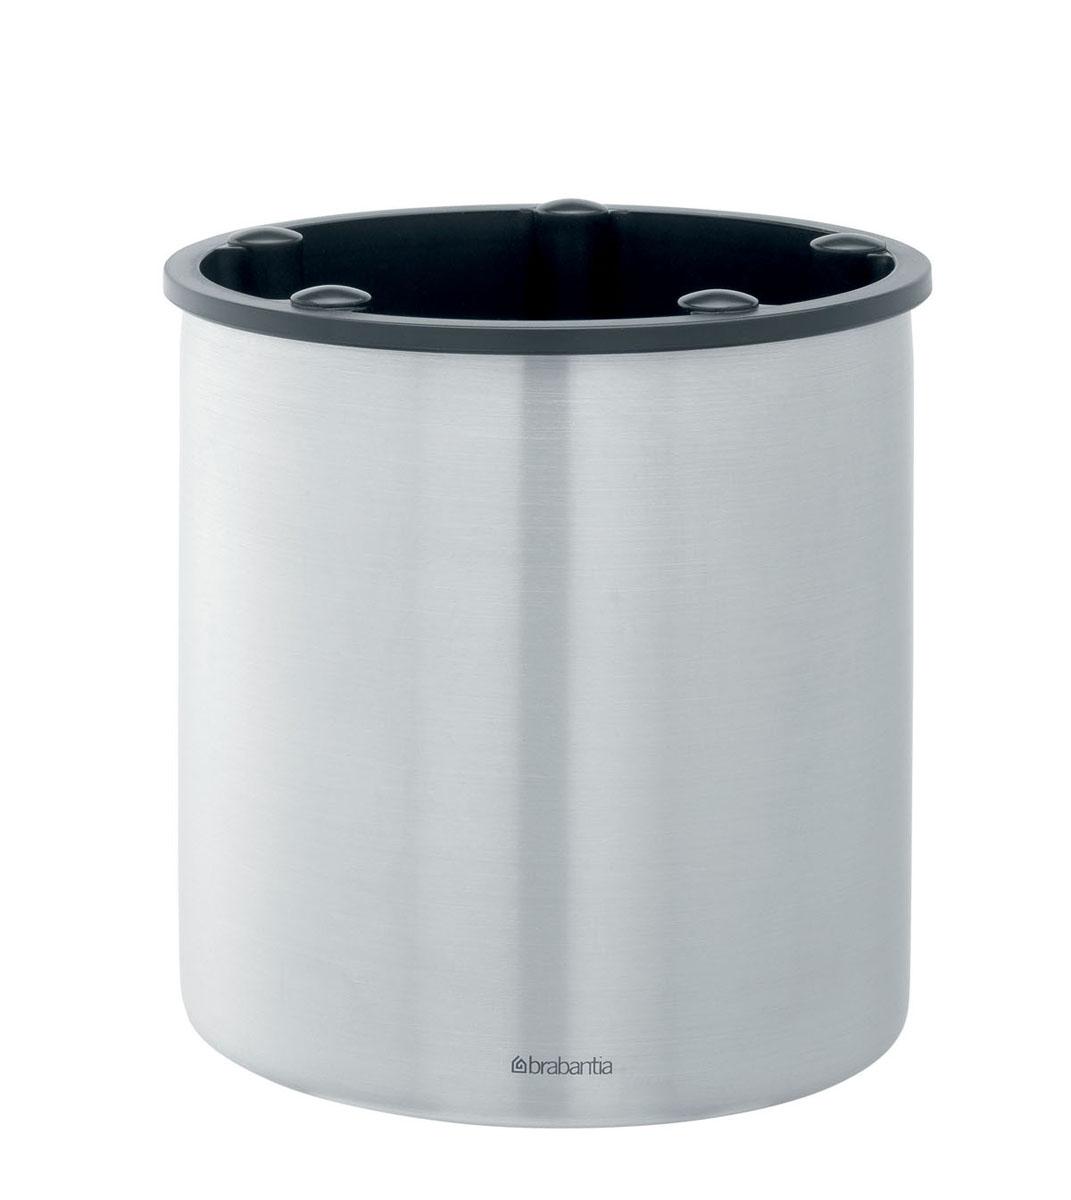 Подставка для кухонных принадлежностей Brabantia, высота 15 см313066Подставка для кухонных принадлежностей Brabantia изготовлена из высококачественной нержавеющей стали с матовой полировкой. Внутренняя поверхность пластиковая. Подставка оснащена 5 выемками для отделения приборов друг от друга. В такой подставке можно хранить все столовые приборы, а также кухонные принадлежности, такие как лопатки и половники. Подставка имеет стильный классический дизайн и одинаково хорошо впишется и в современный, и в классический интерьер. Можно мыть в посудомоечной машине. Диаметр подставки (по верхнему краю): 15 см. Высота подставки: 15 см.